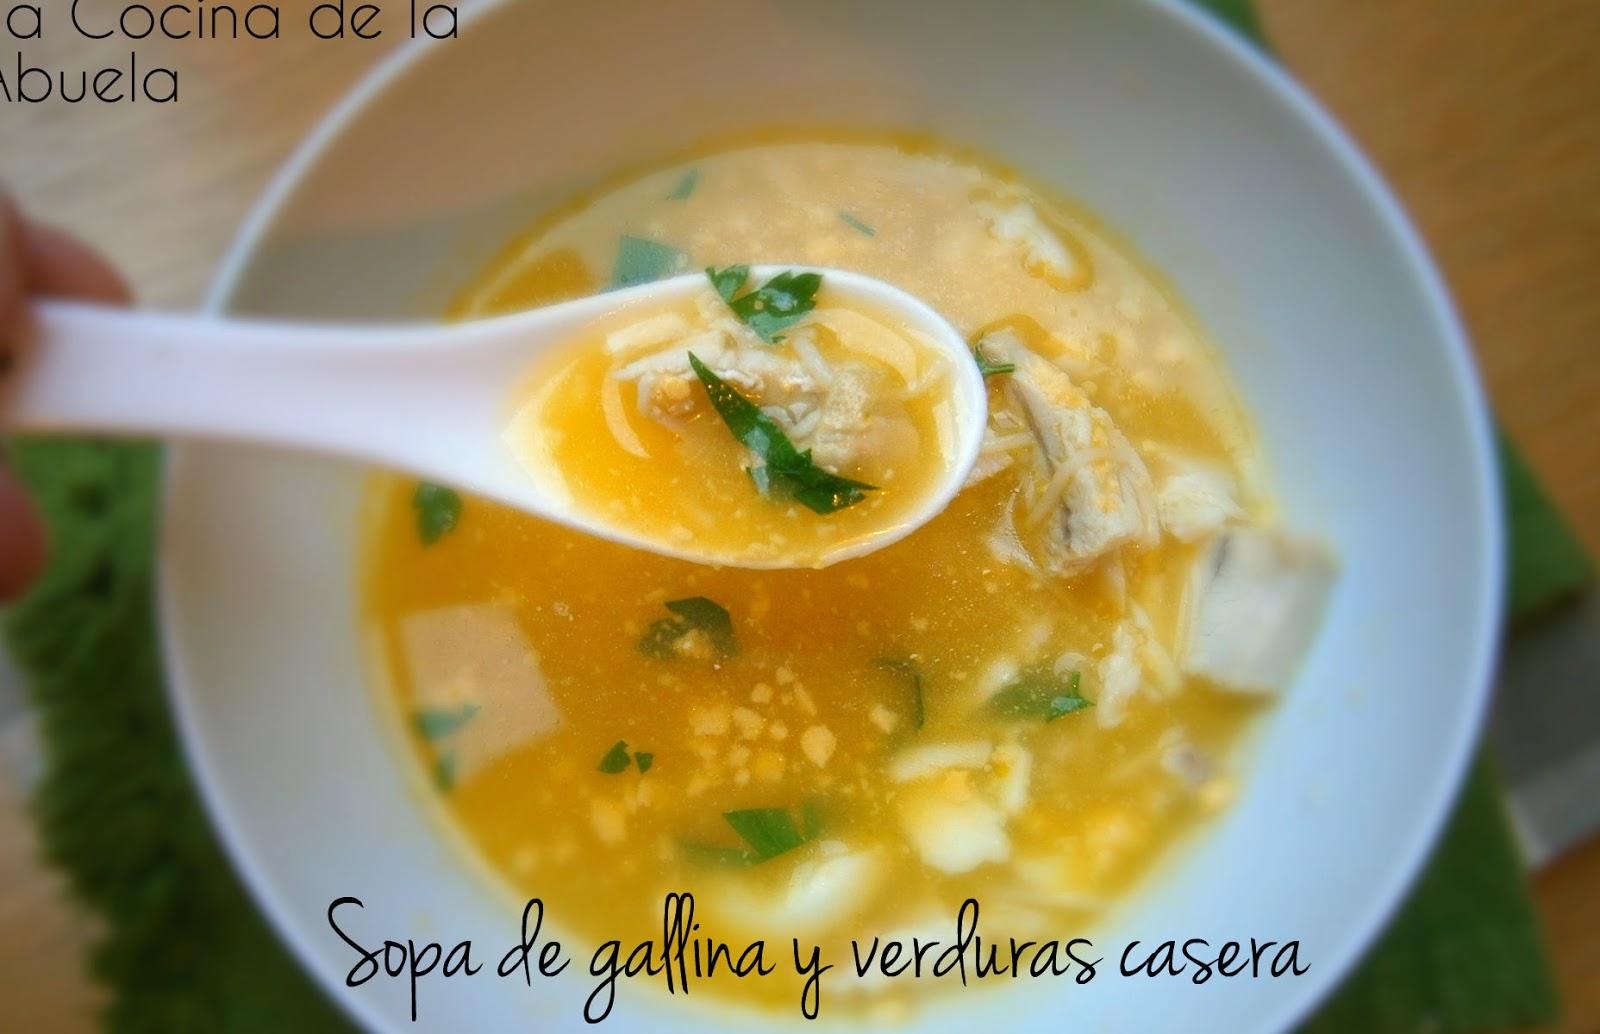 Sopa de gallina y verduras casera - Sopa castellana casera ...